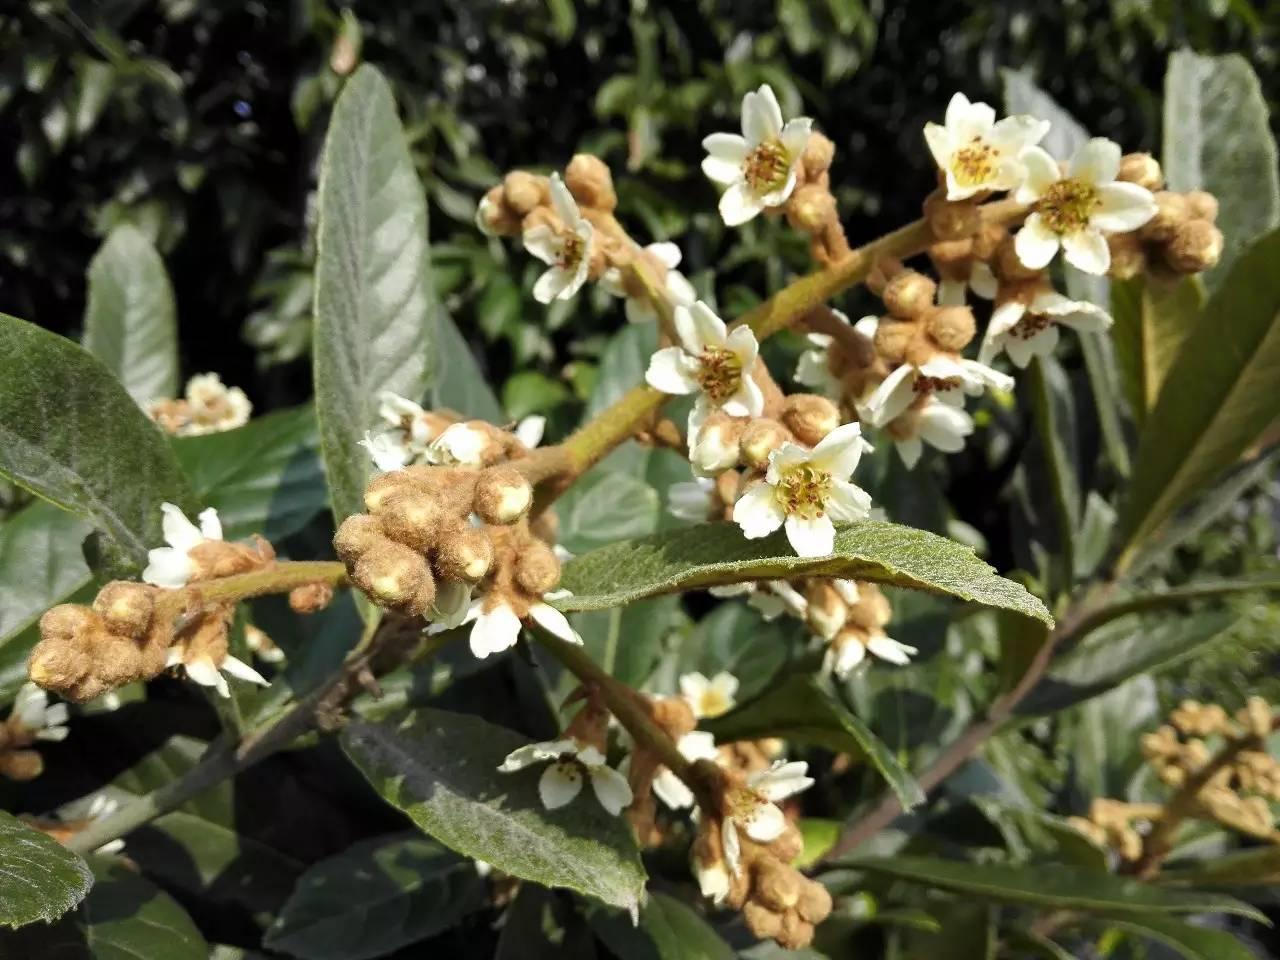 吃鸡蛋可以喝蜂蜜水吗 蜂王浆蜂蜜蜂胶 蜂蜜代理进口 蜂蜜能和桂圆一起吃吗 蜂蜜有什么好处